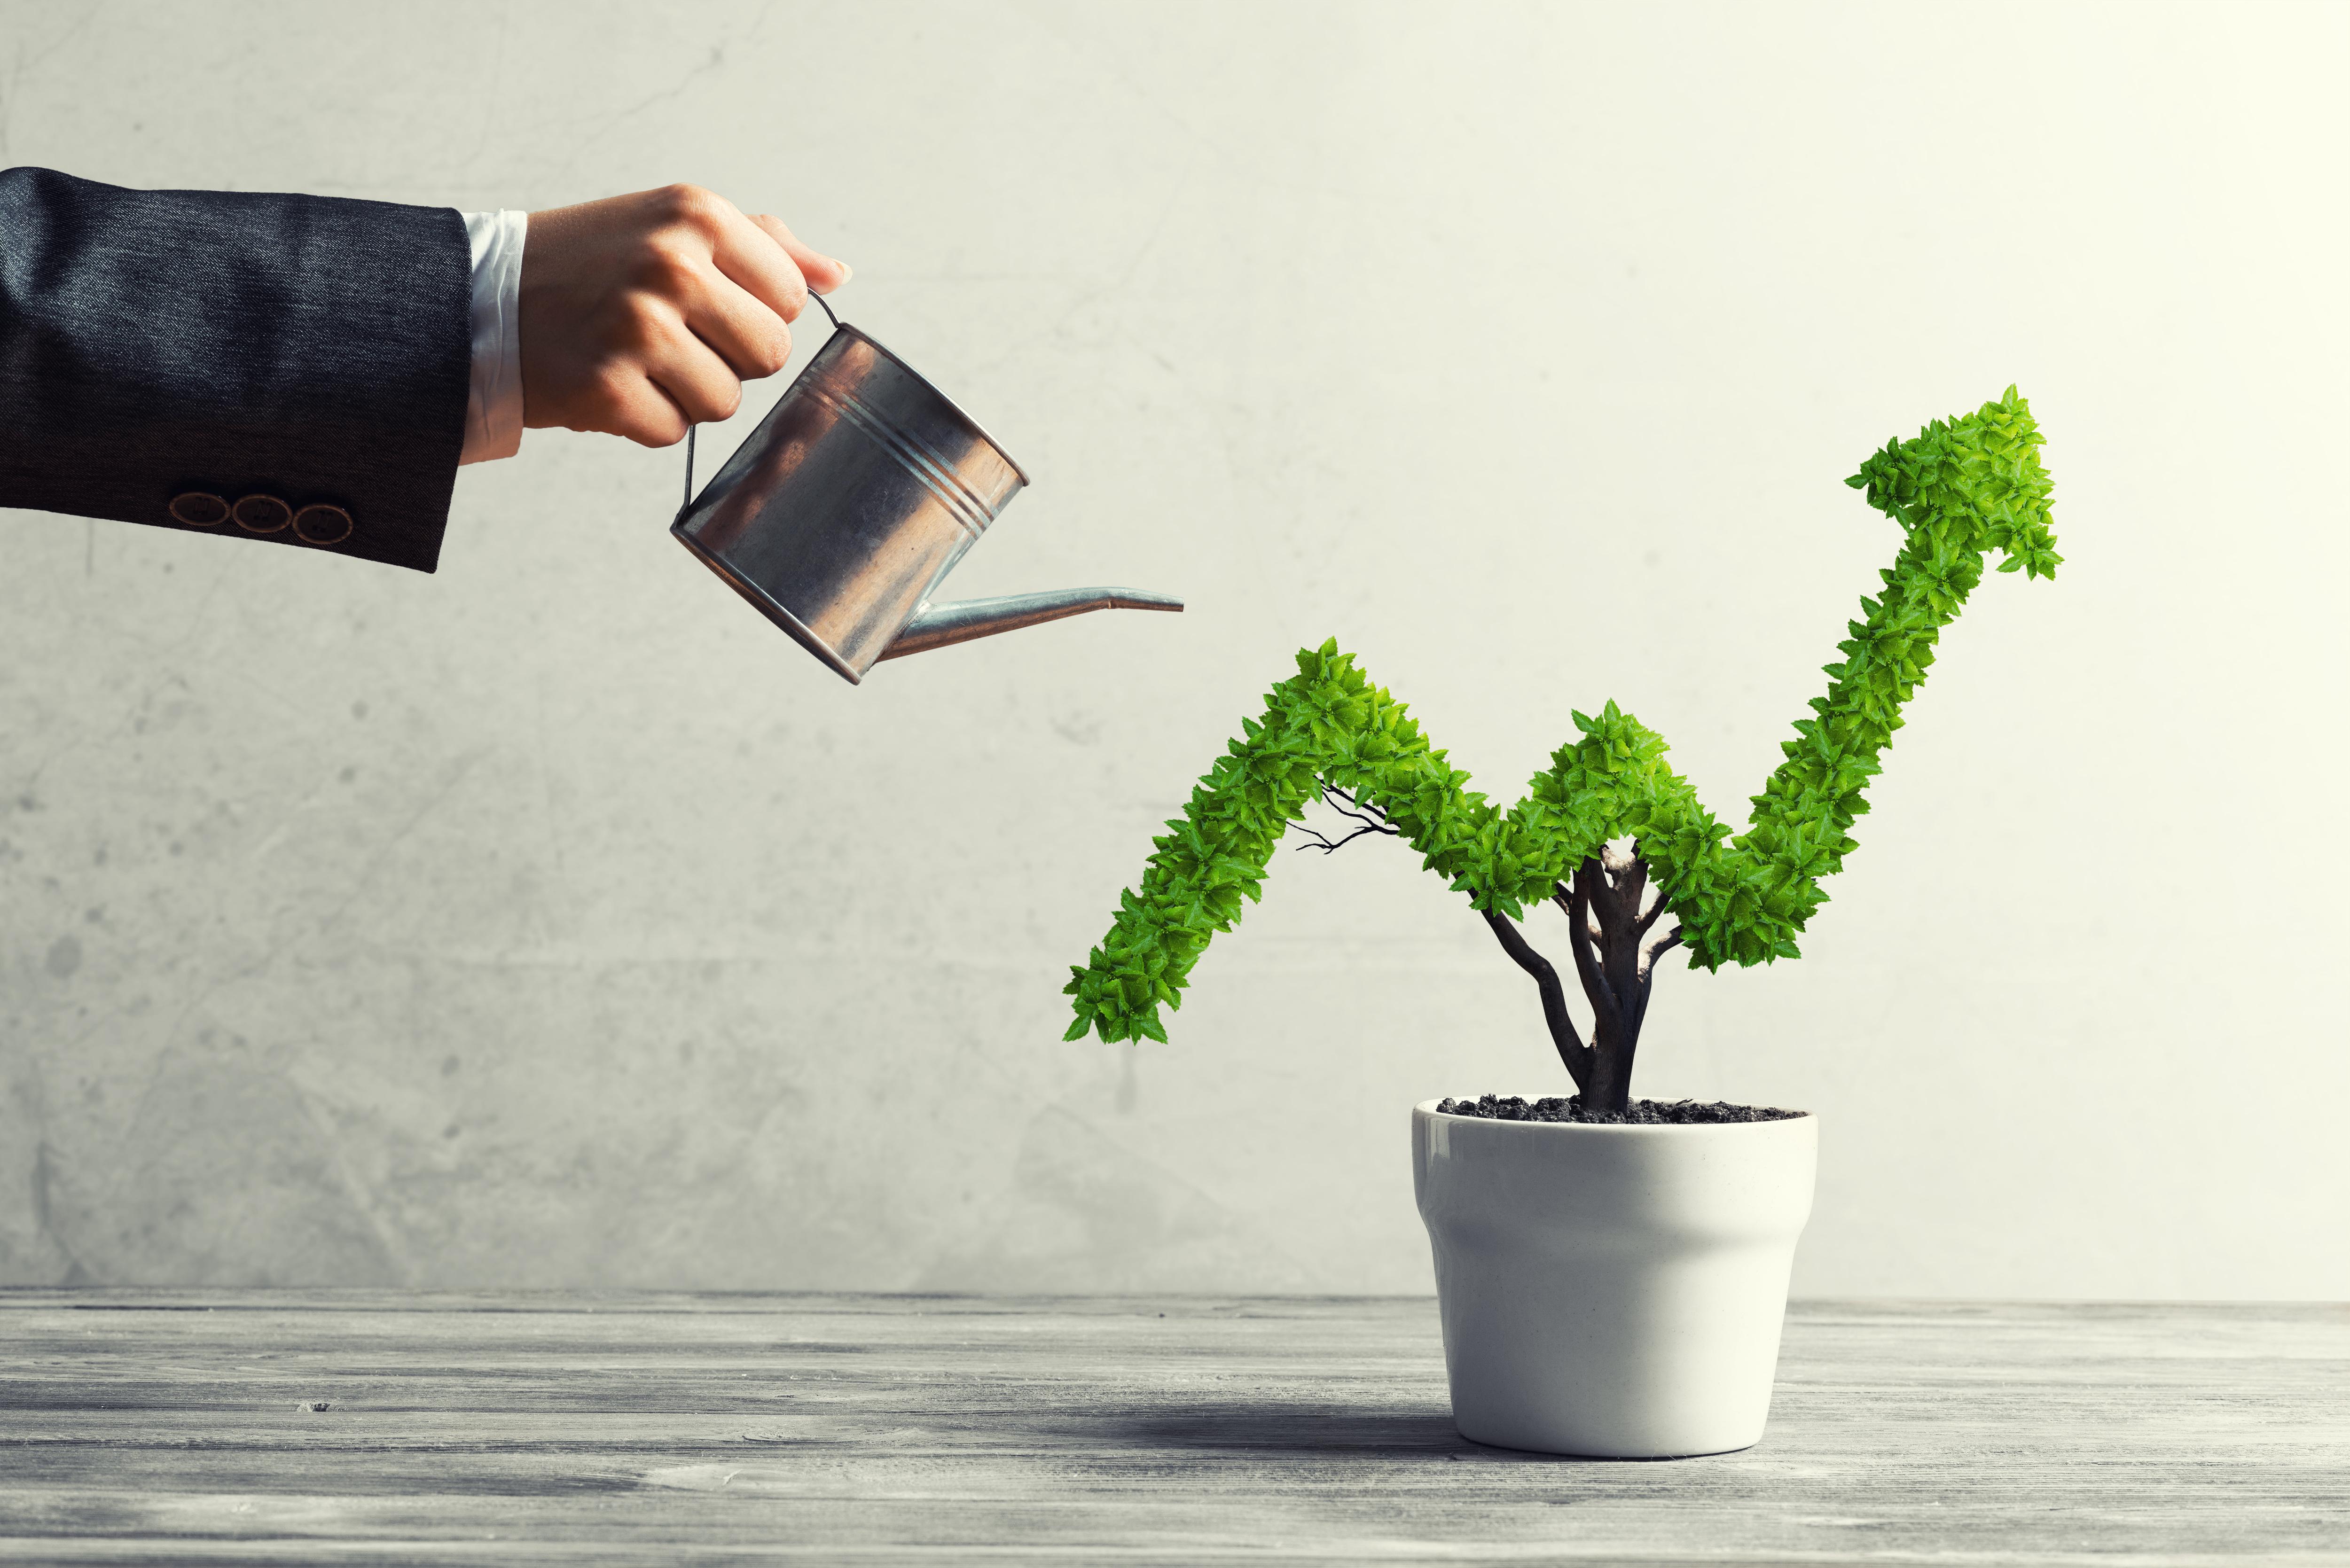 [Из песочницы] Калькулятор эффективности акций и 5 причин, почему всё пойдет не так